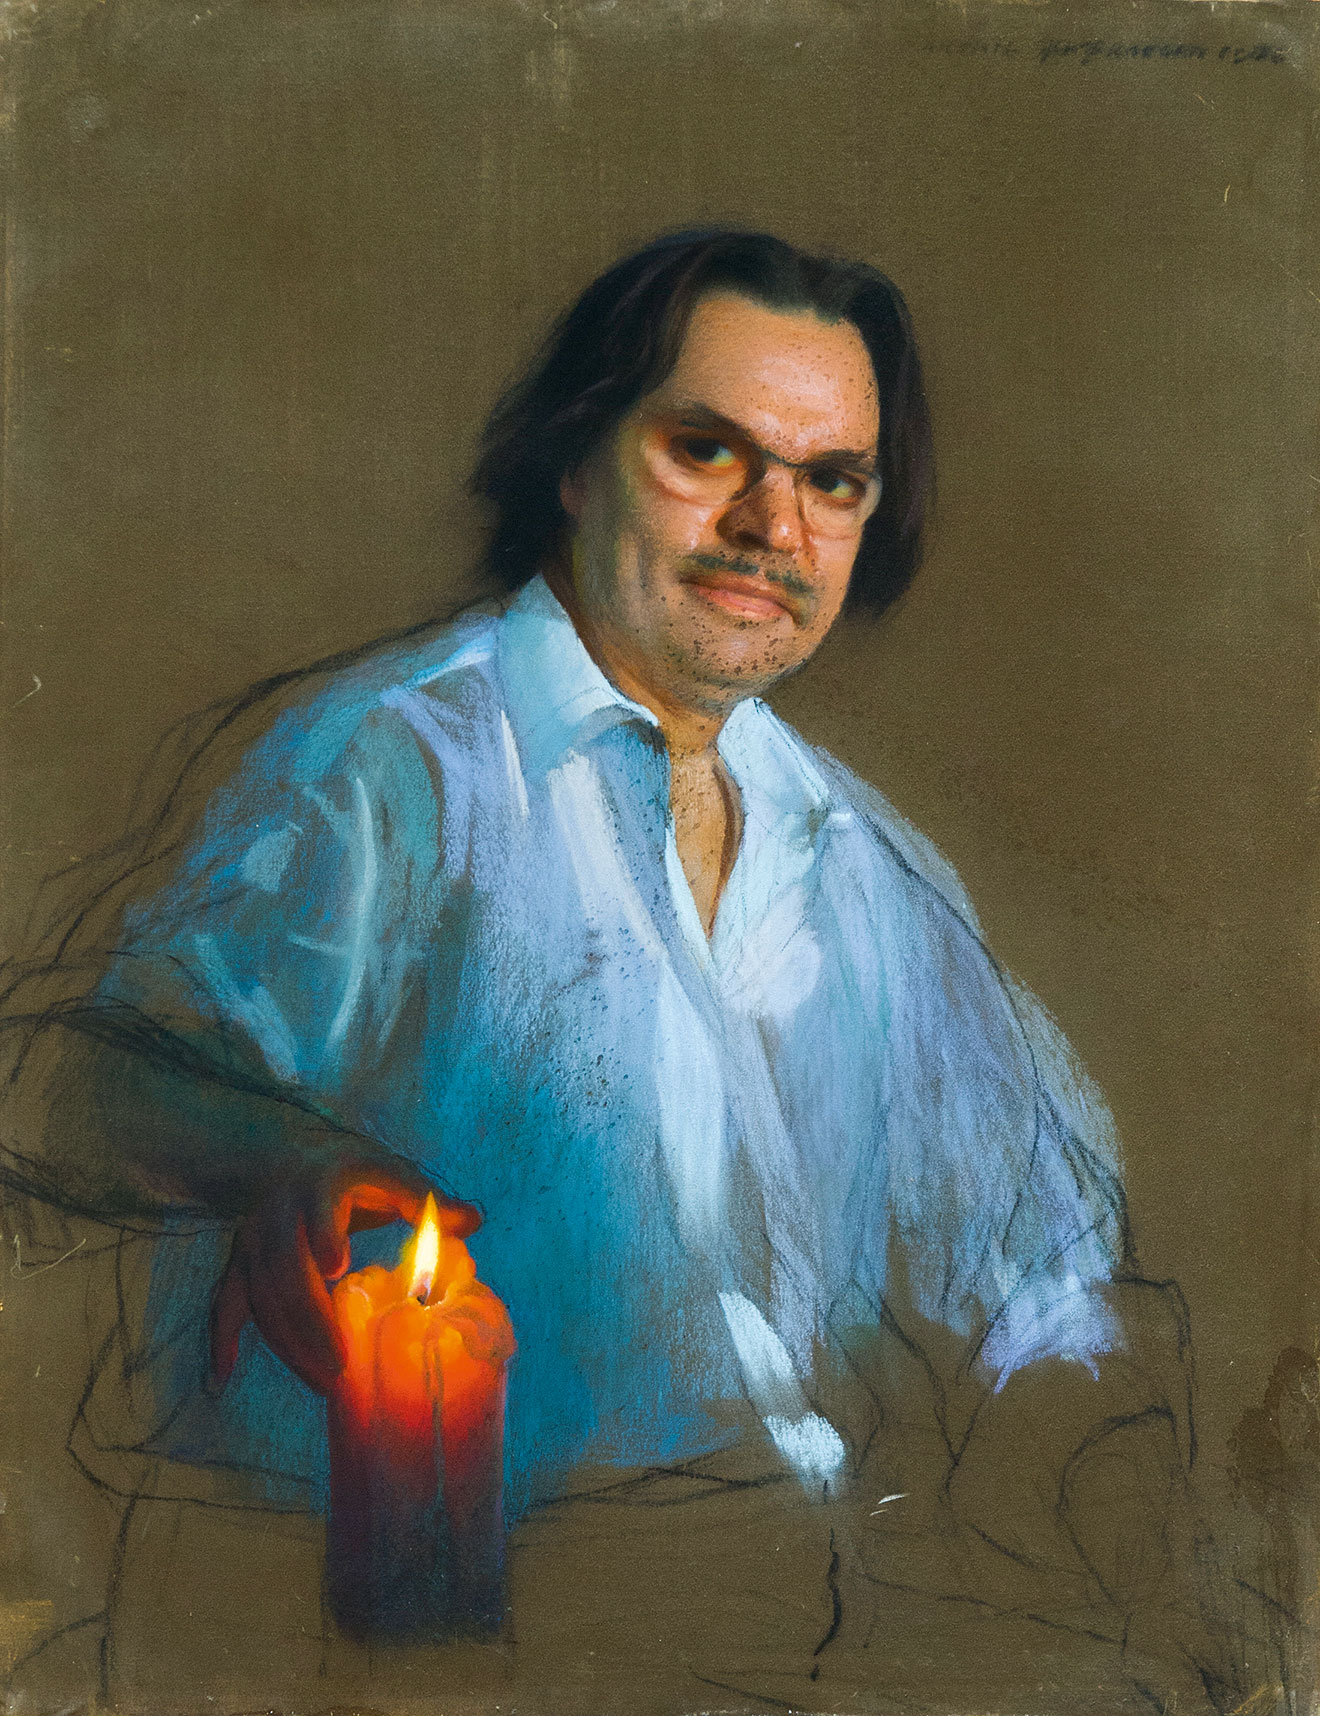 Автопортрет с горящей свечой.